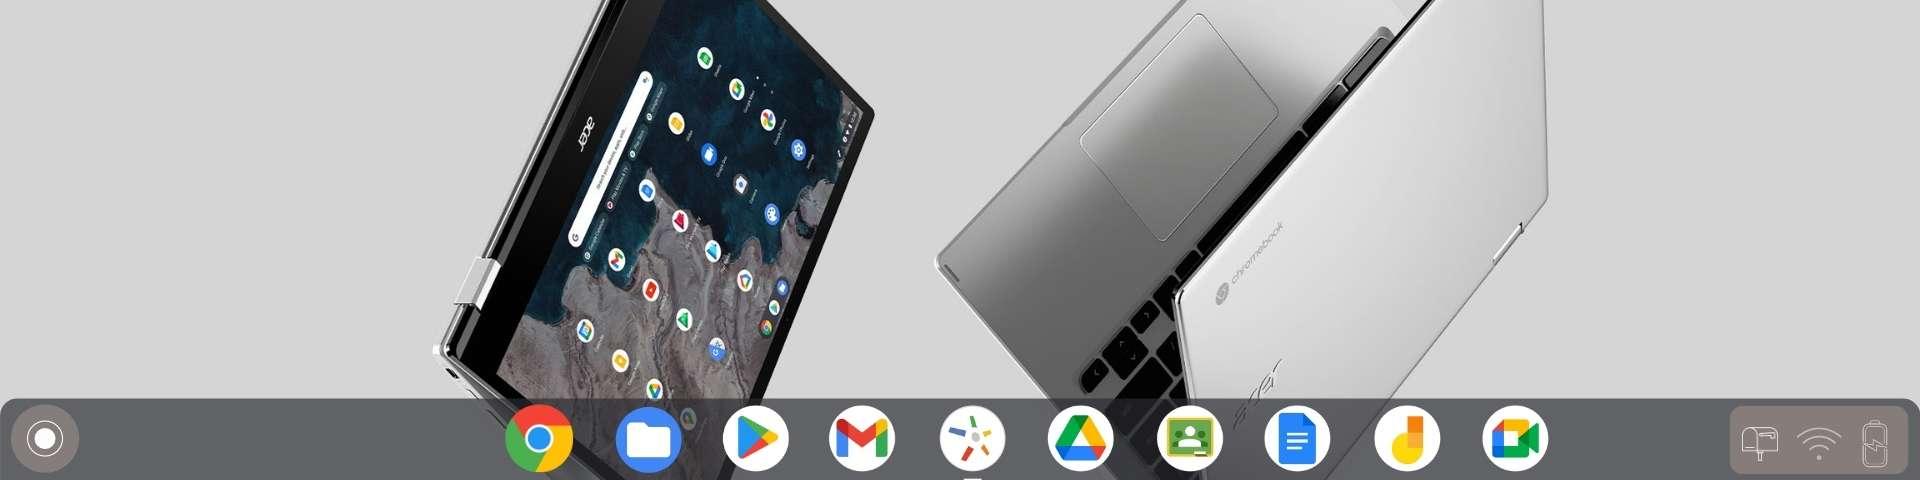 Test du Chromebook Acer Spin 513